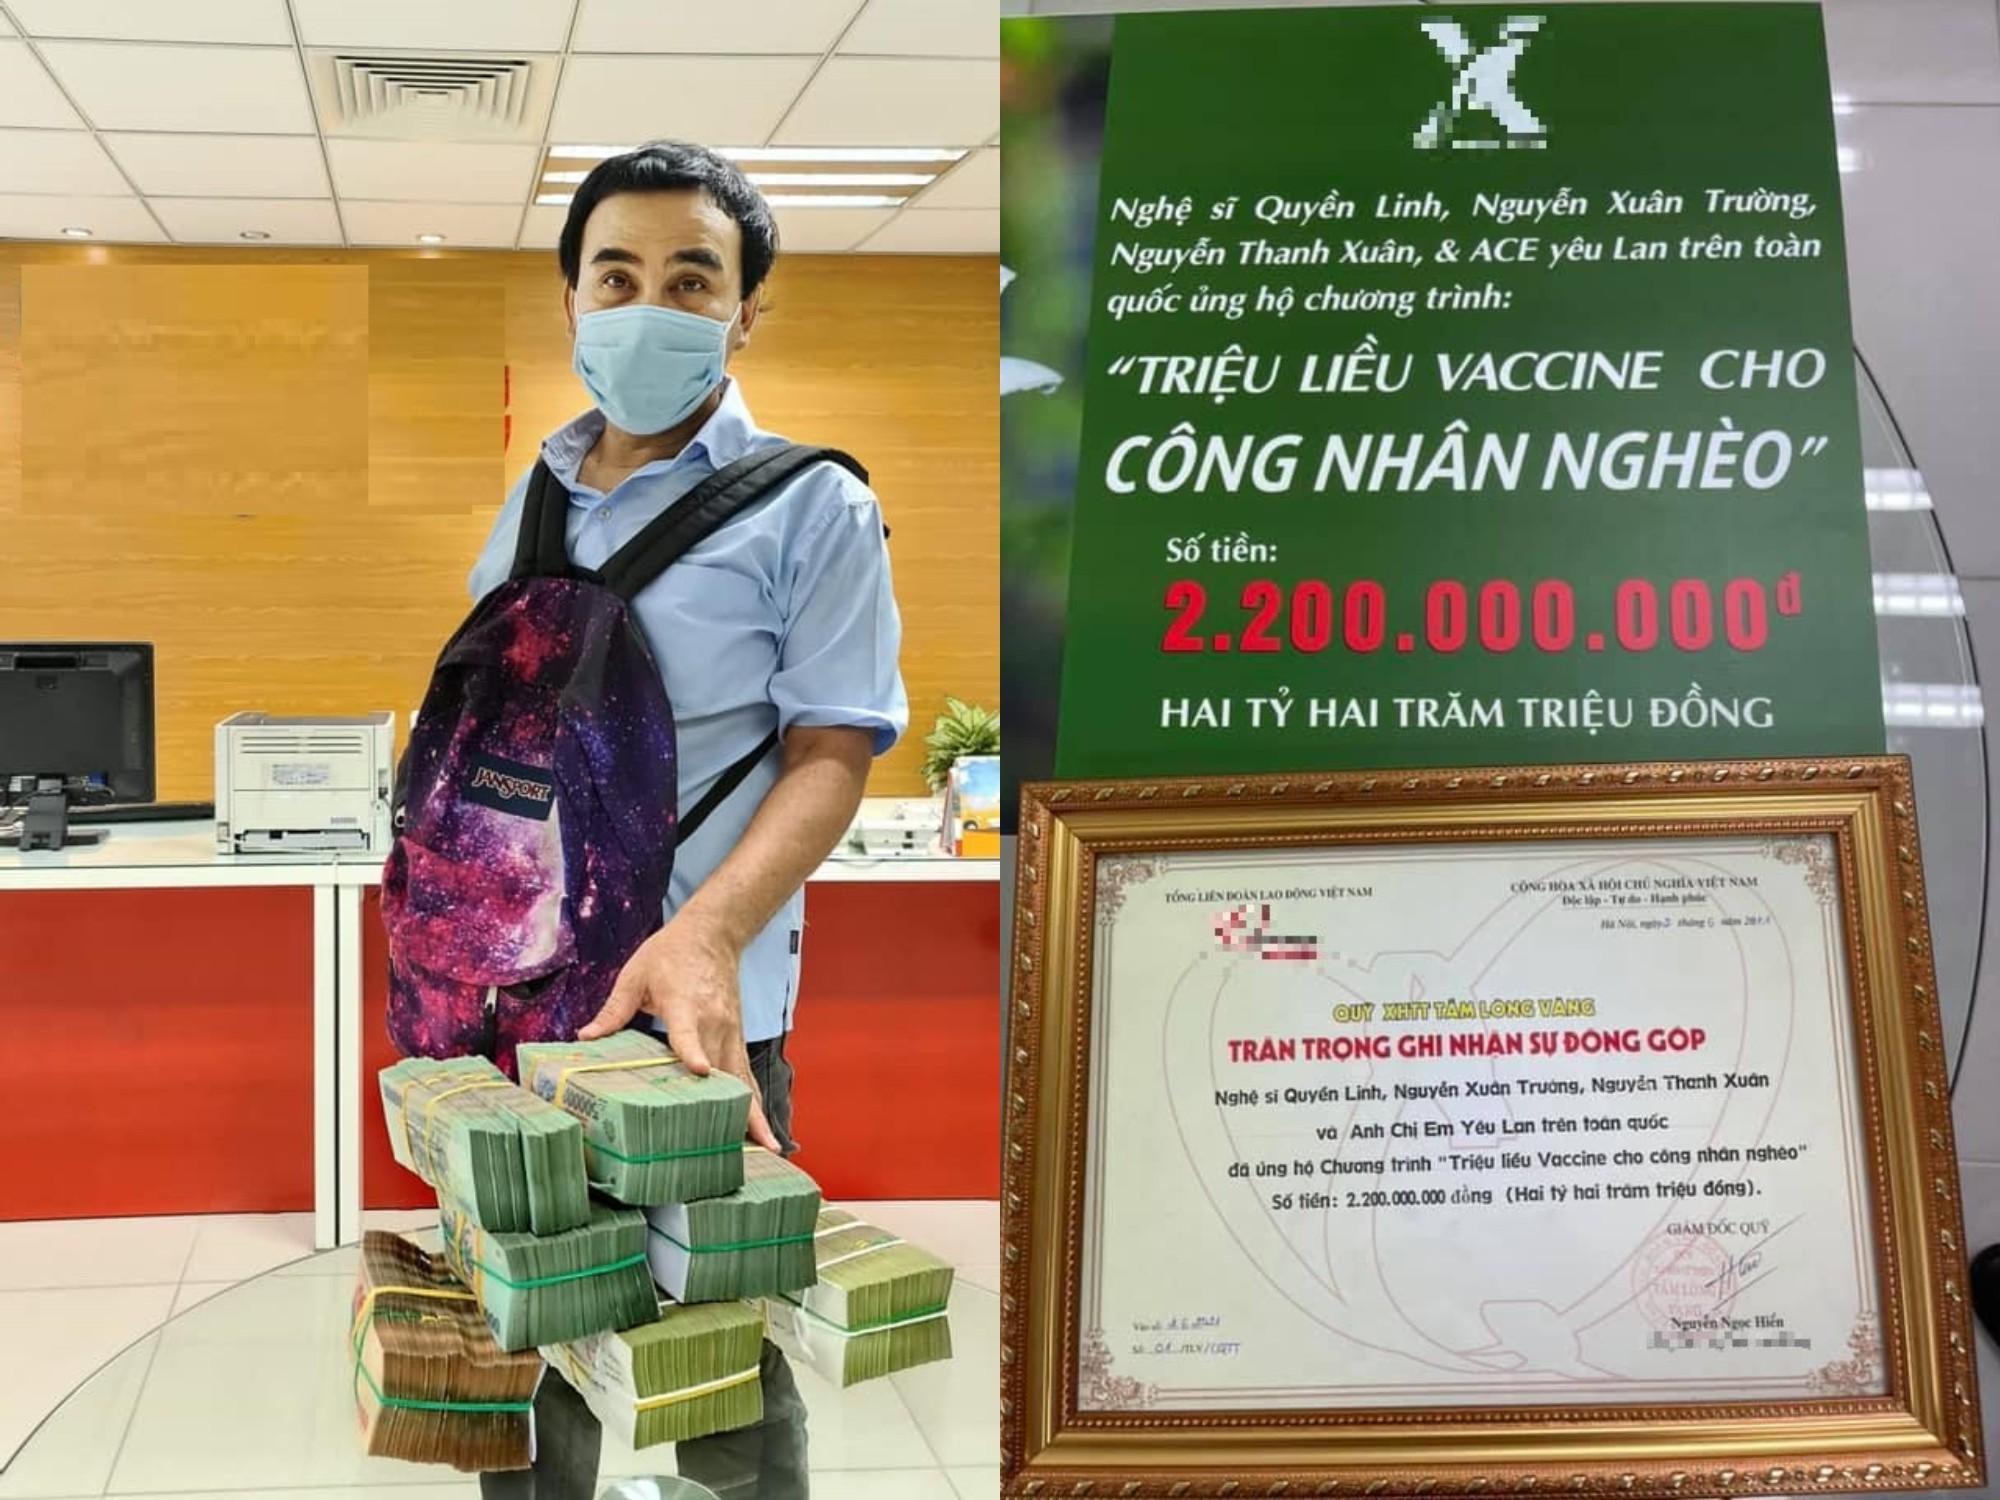 Ủng hộ MC Quyền Linh góp hơn 2 tỷ chống dịch, NS Hồng Vân và Vân Dung bị chất vấn kém duyên - 1